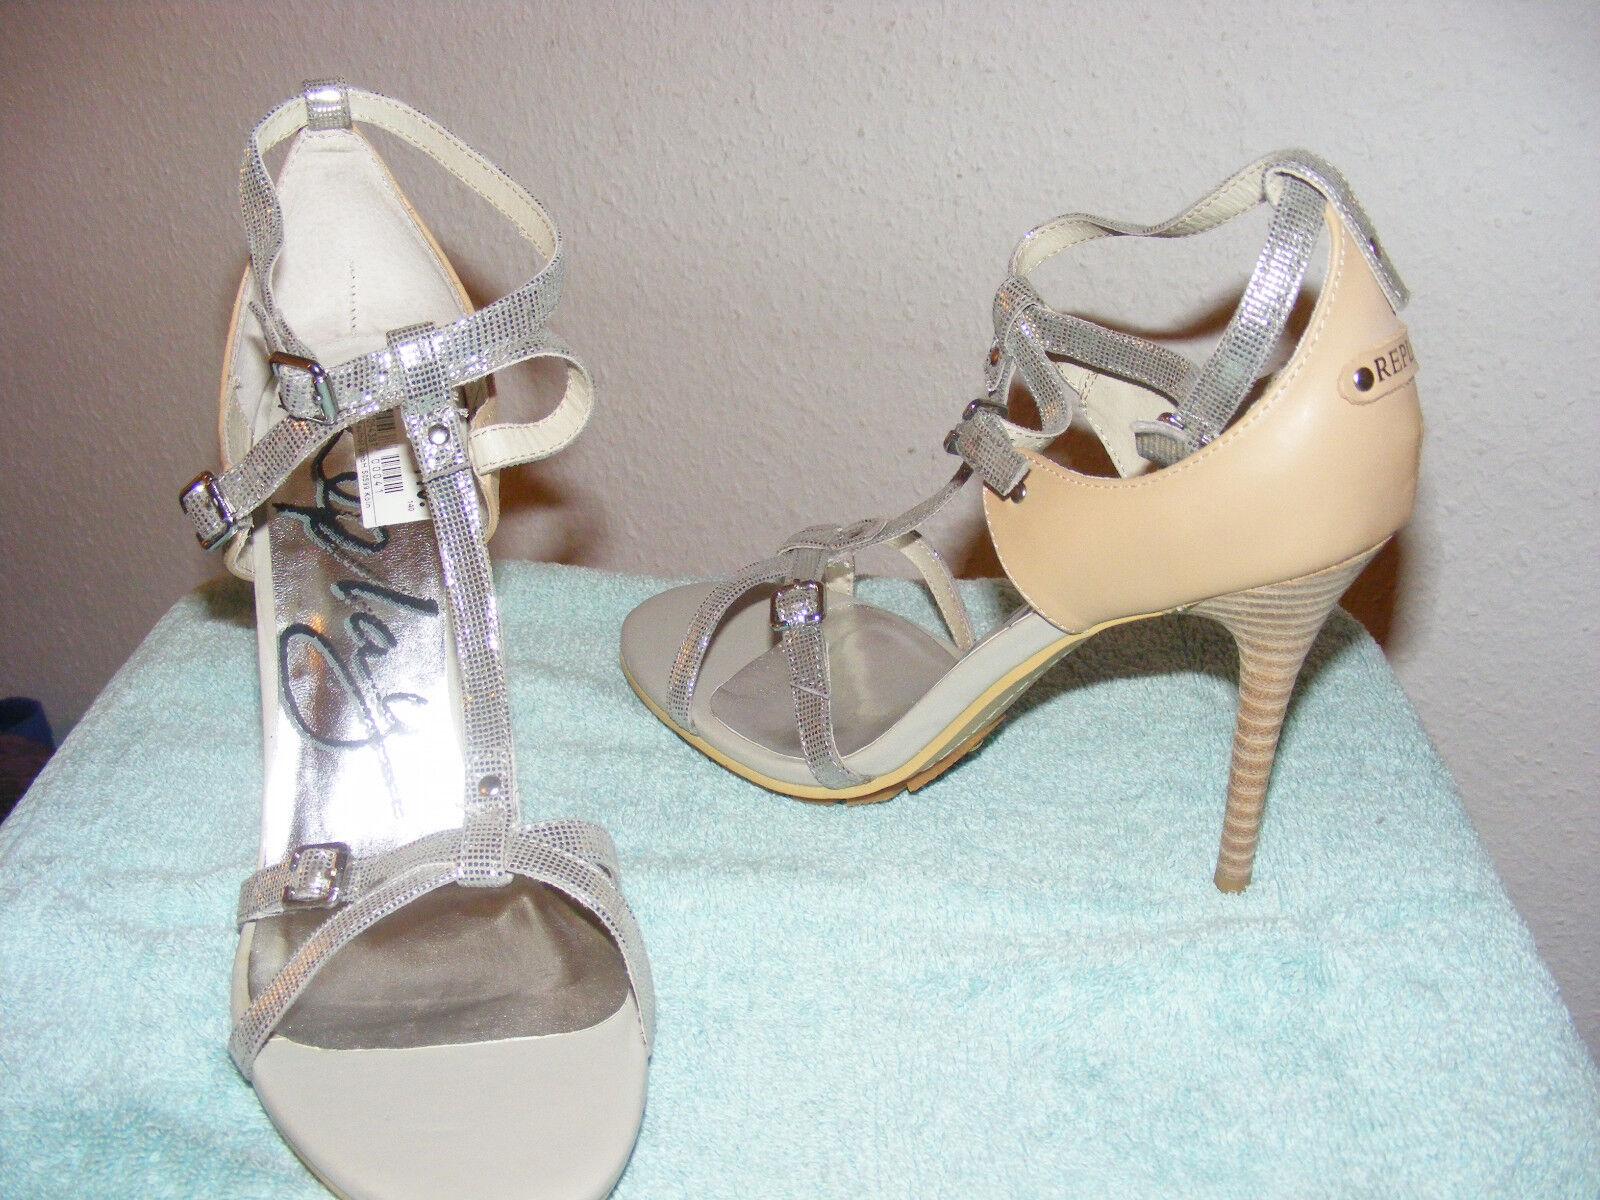 Talla 41 nuevo señora pumps, sandalias zapatos de noche noche noche con tiras plata stilettos Replay  colores increíbles